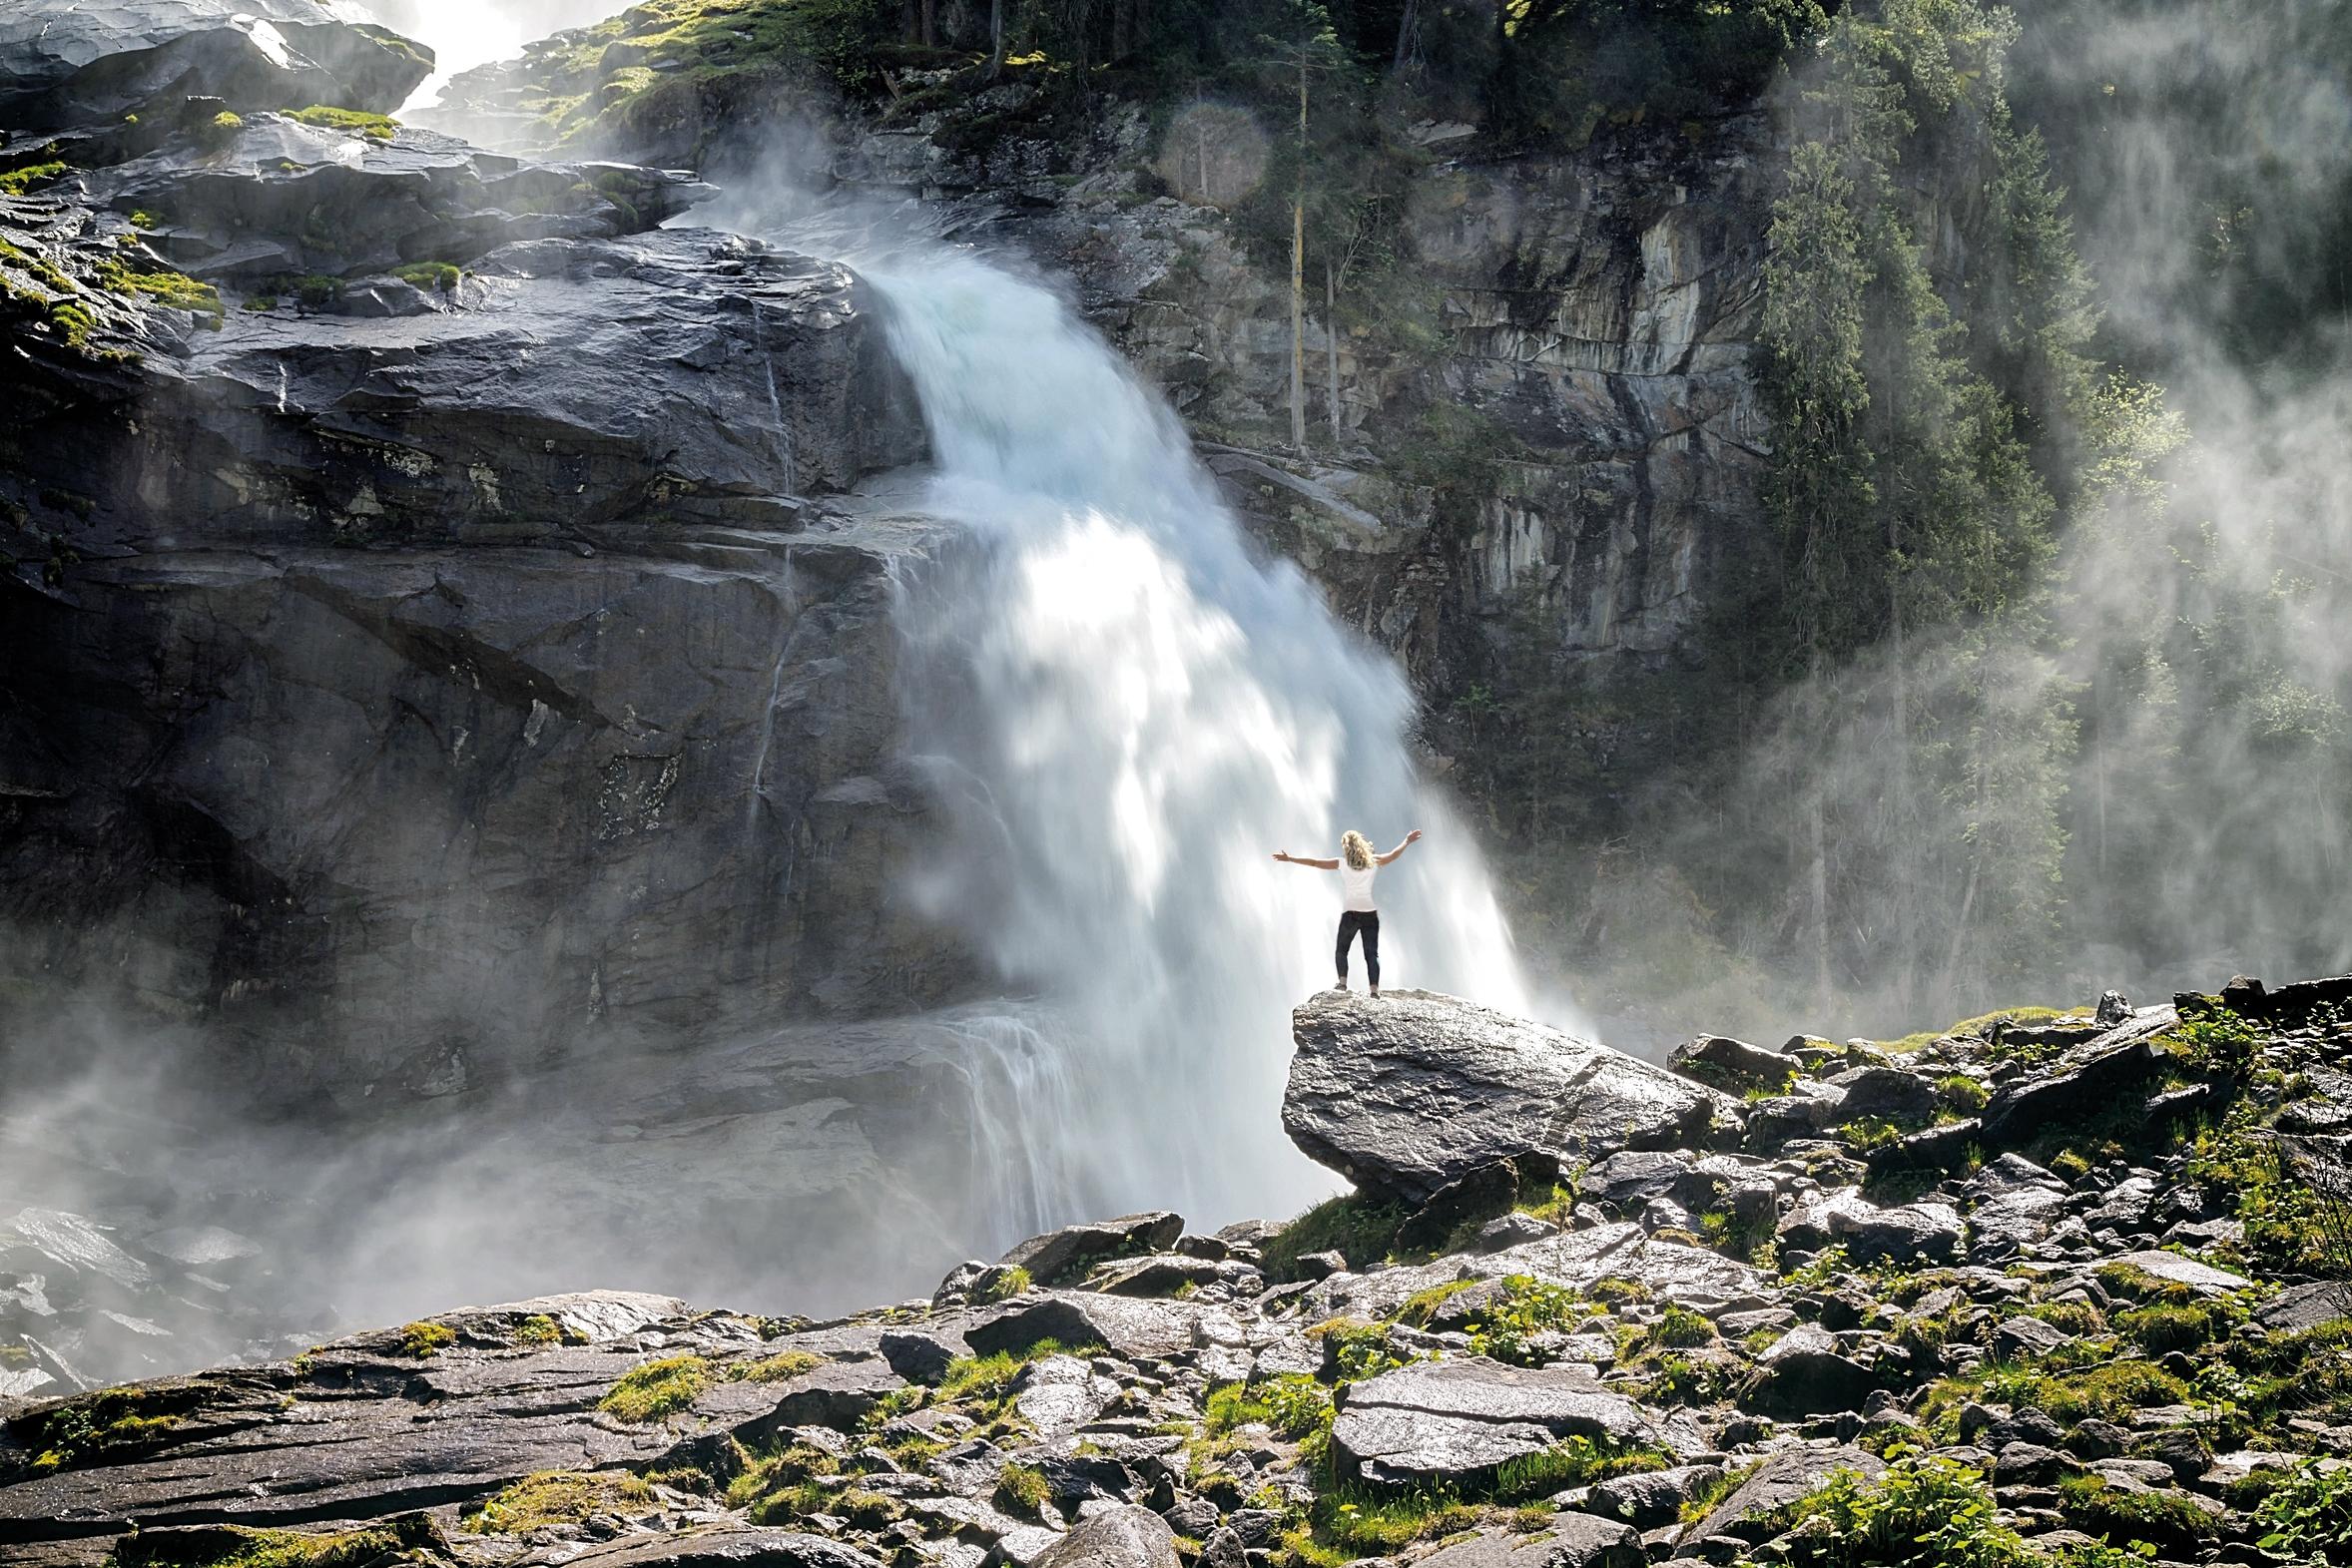 Krimmler Wasserfälle mit sichtbarem Sprühnebel